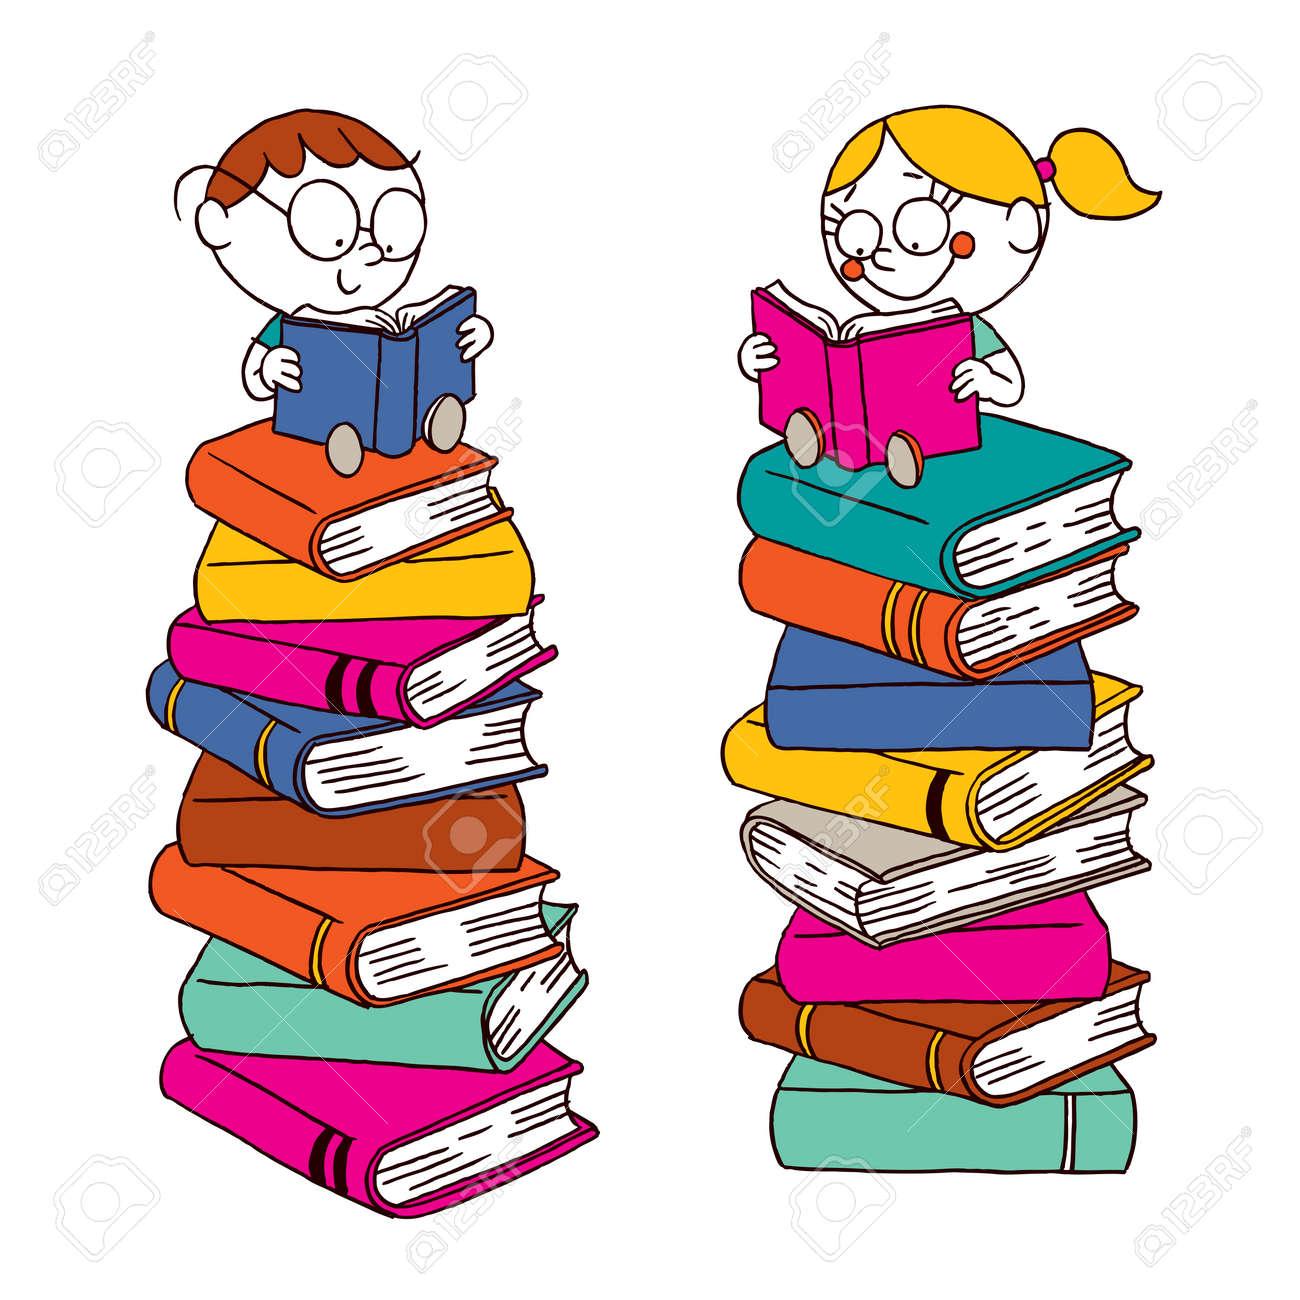 Bücherstapel gezeichnet  Bücherstapel Lizenzfreie Vektorgrafiken Kaufen: 123RF